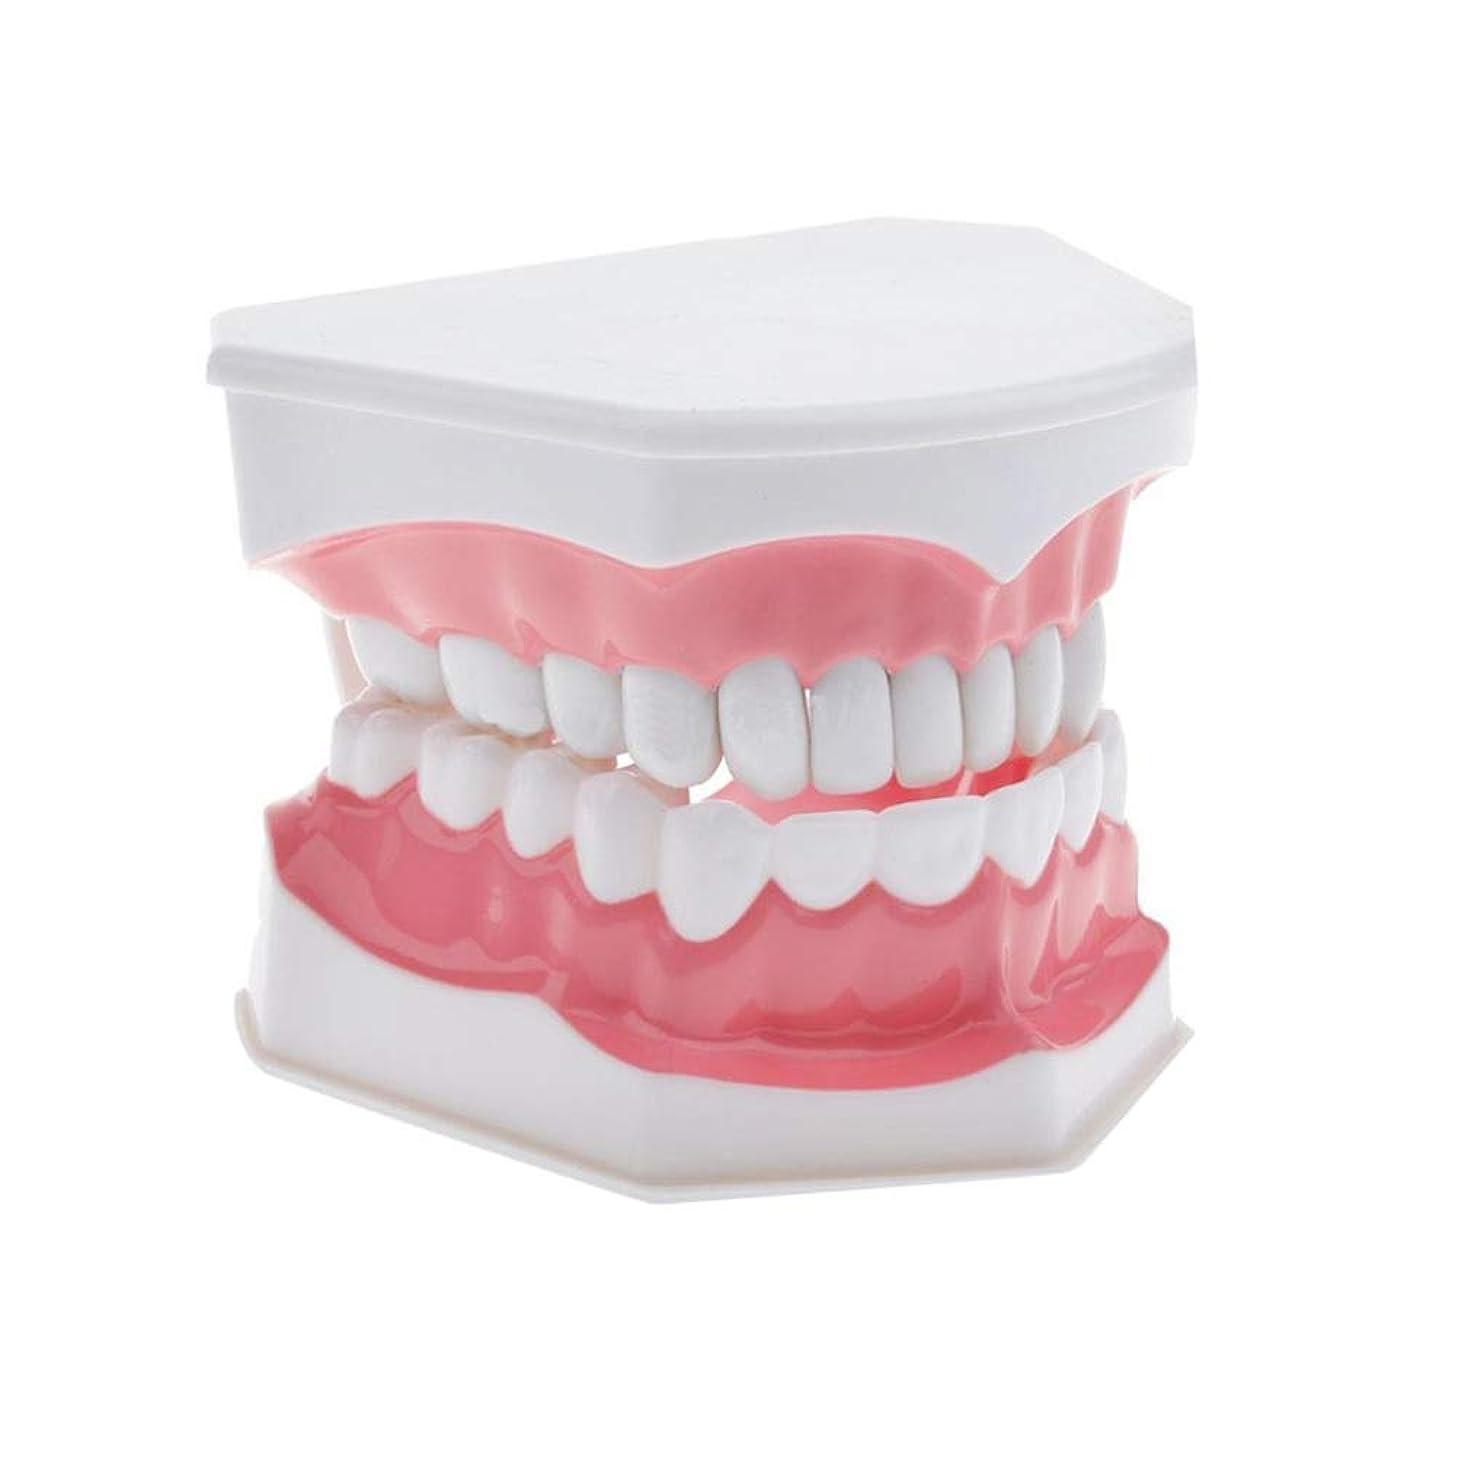 スーダンサラダ部SUPVOX デンタルモデルブラッシングフロッシング練習歯typodontモデル歯肉可視解剖学的デモンストレーション教育勉強